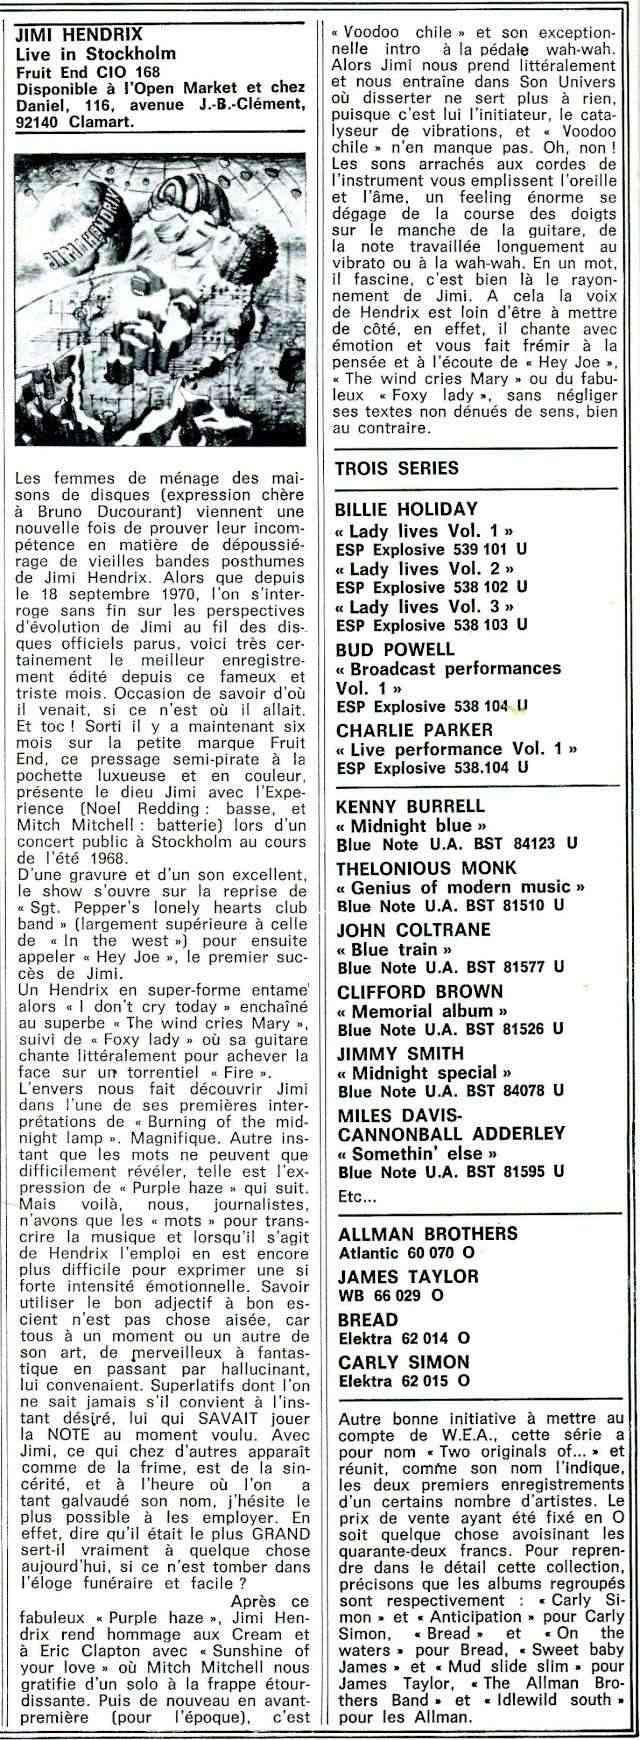 Jimi Hendrix dans la presse musicale française des années 60, 70 & 80 - Page 4 Extra_32